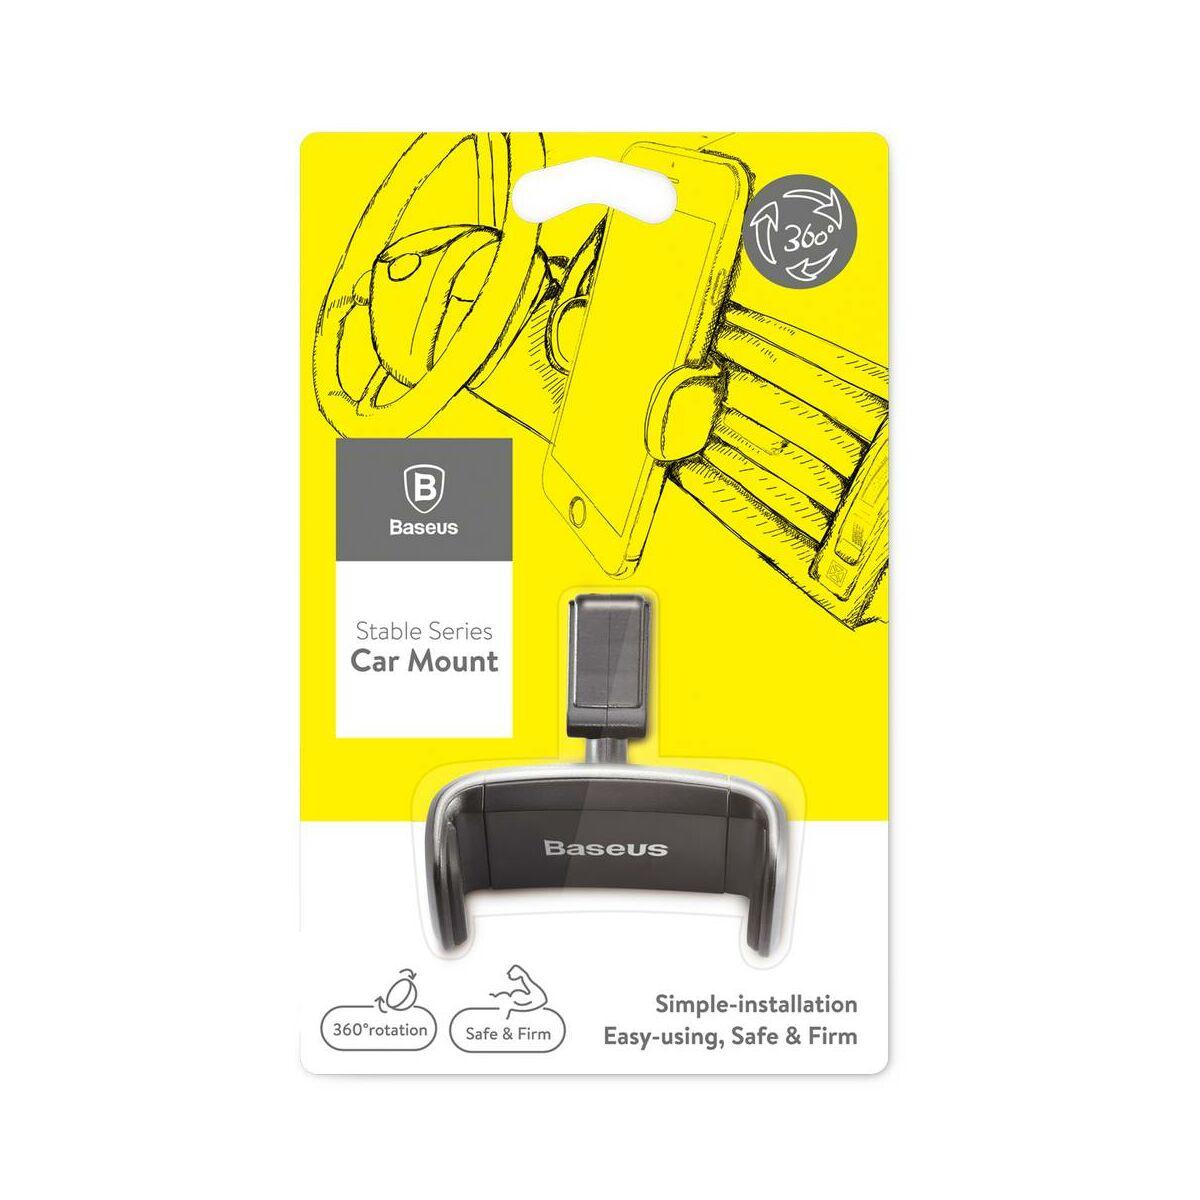 Baseus autós telefon tartó, Stable Series, szellőzőrácsra, csak oldal tartó funkcióval, fekete (SUGX-01)